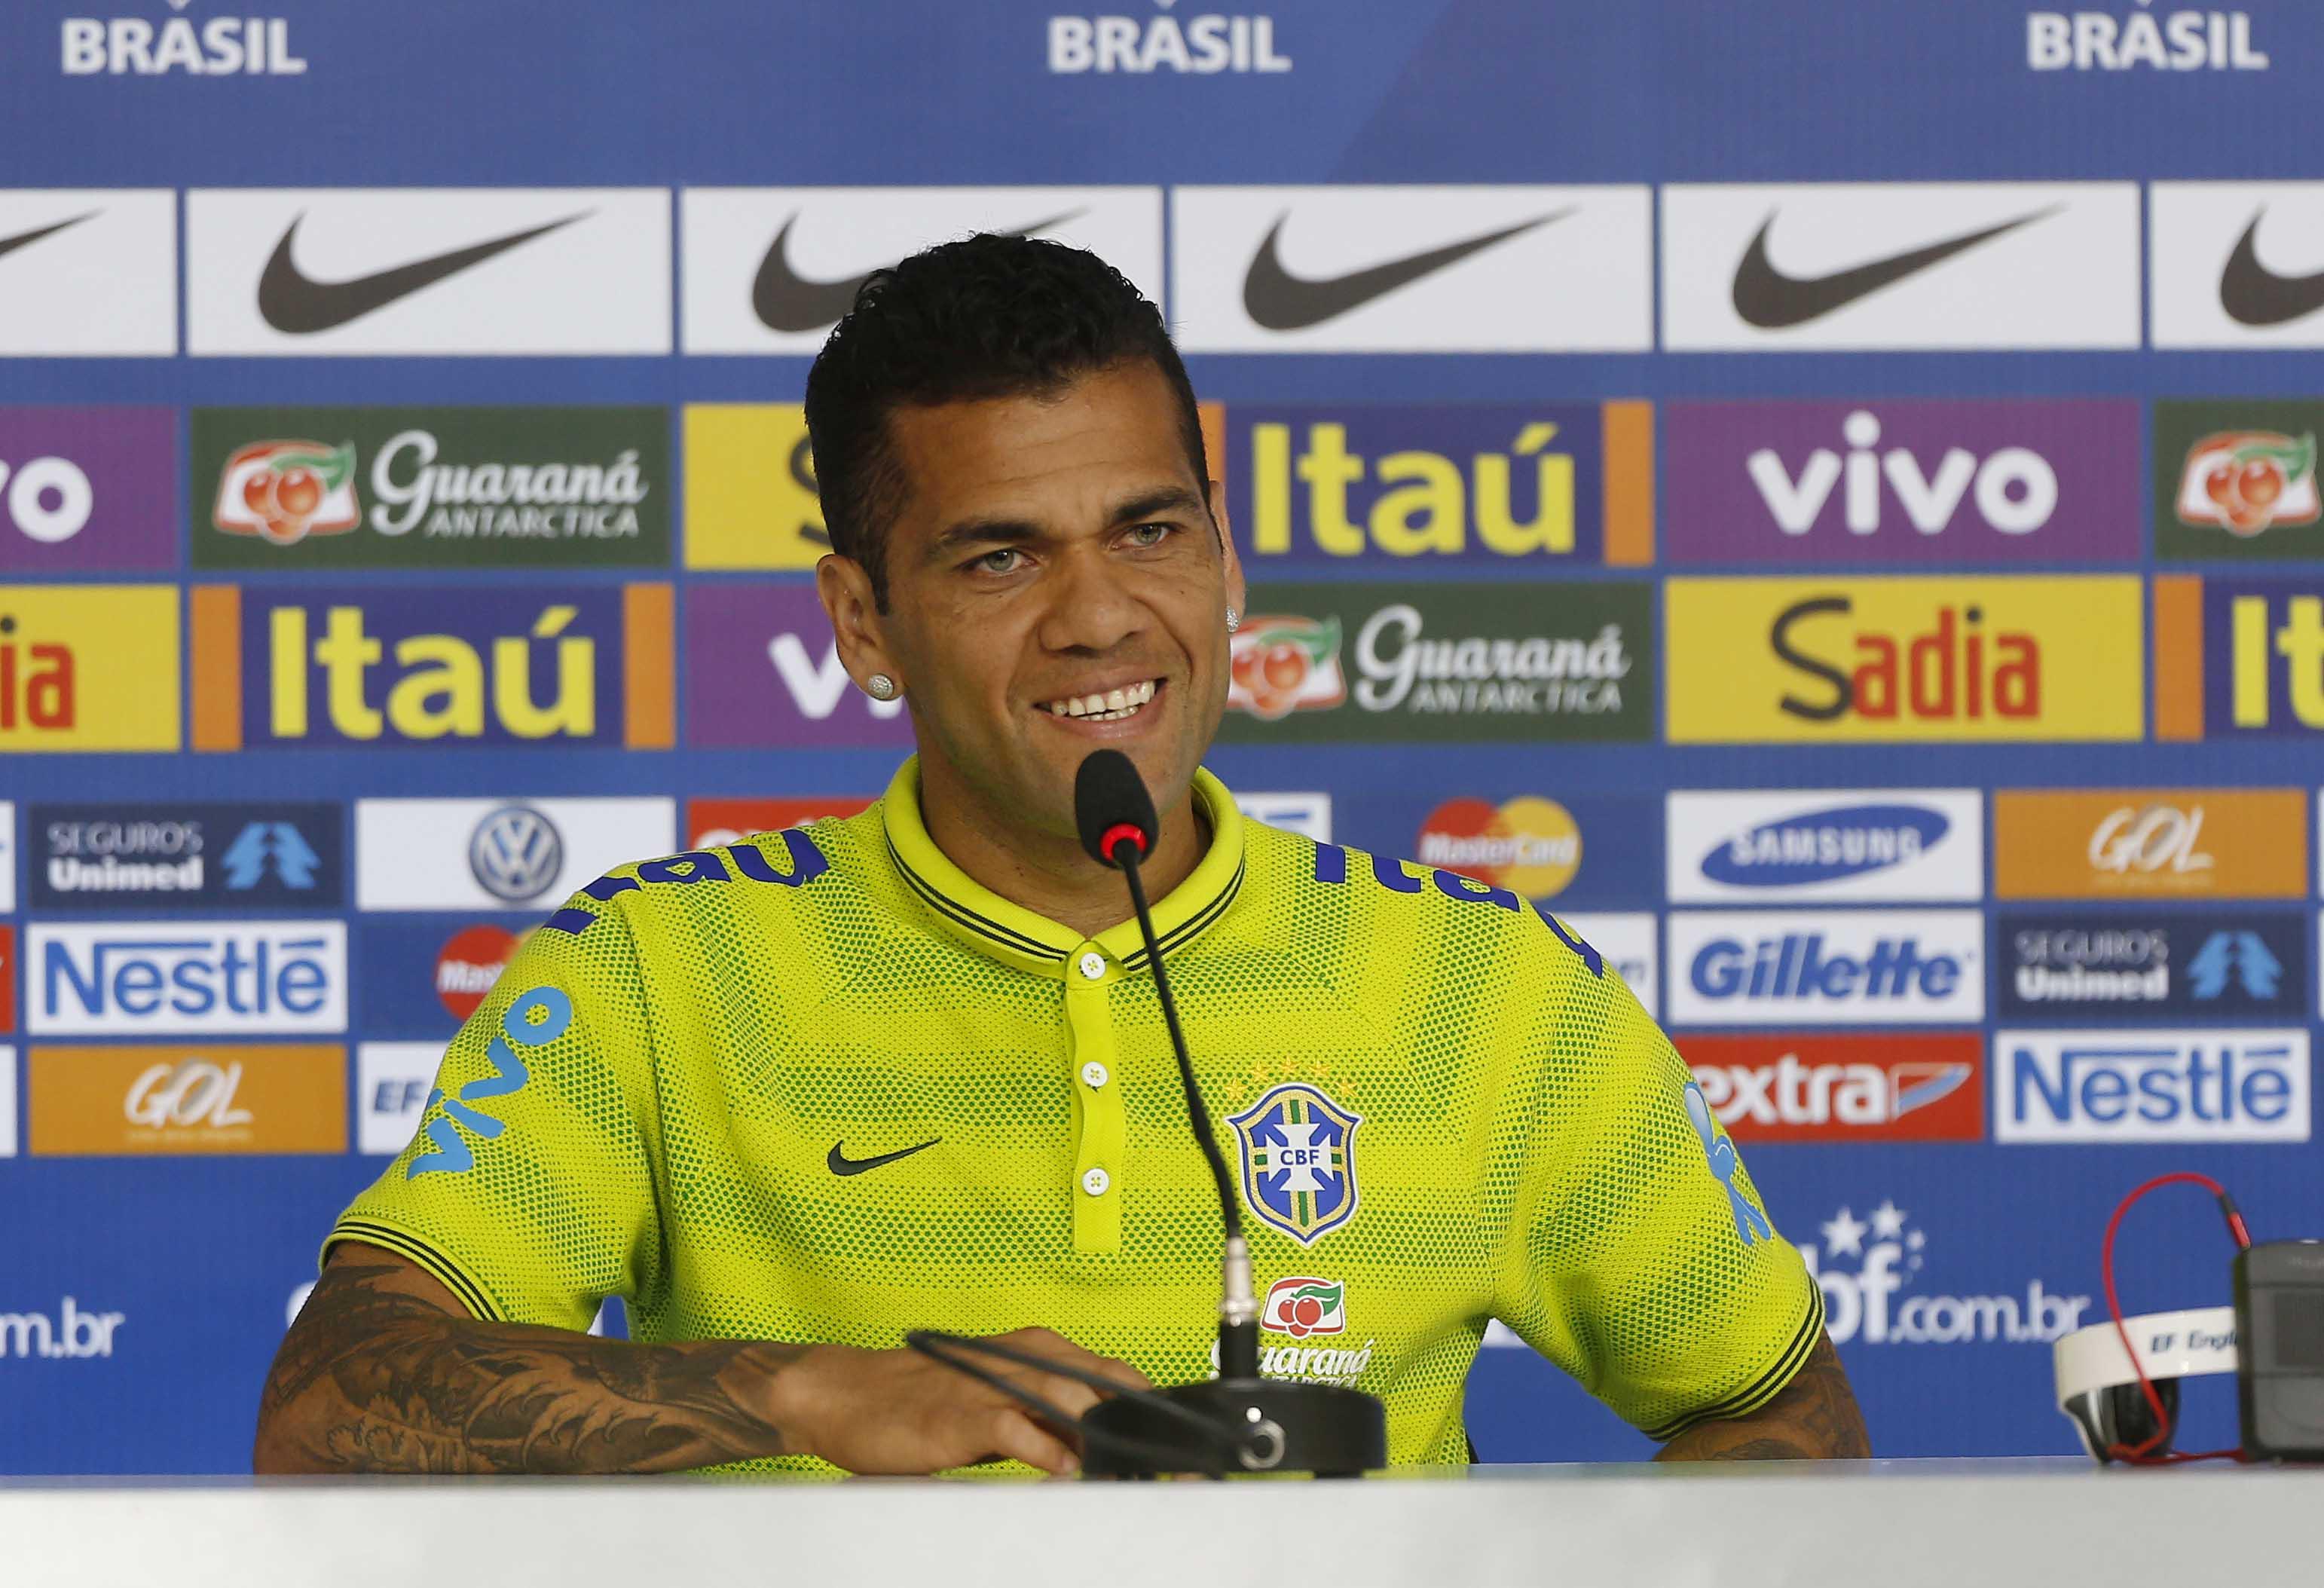 Há dez anos na seleção, Daniel Alves exibe orgulho: 'Sempre muito especial'